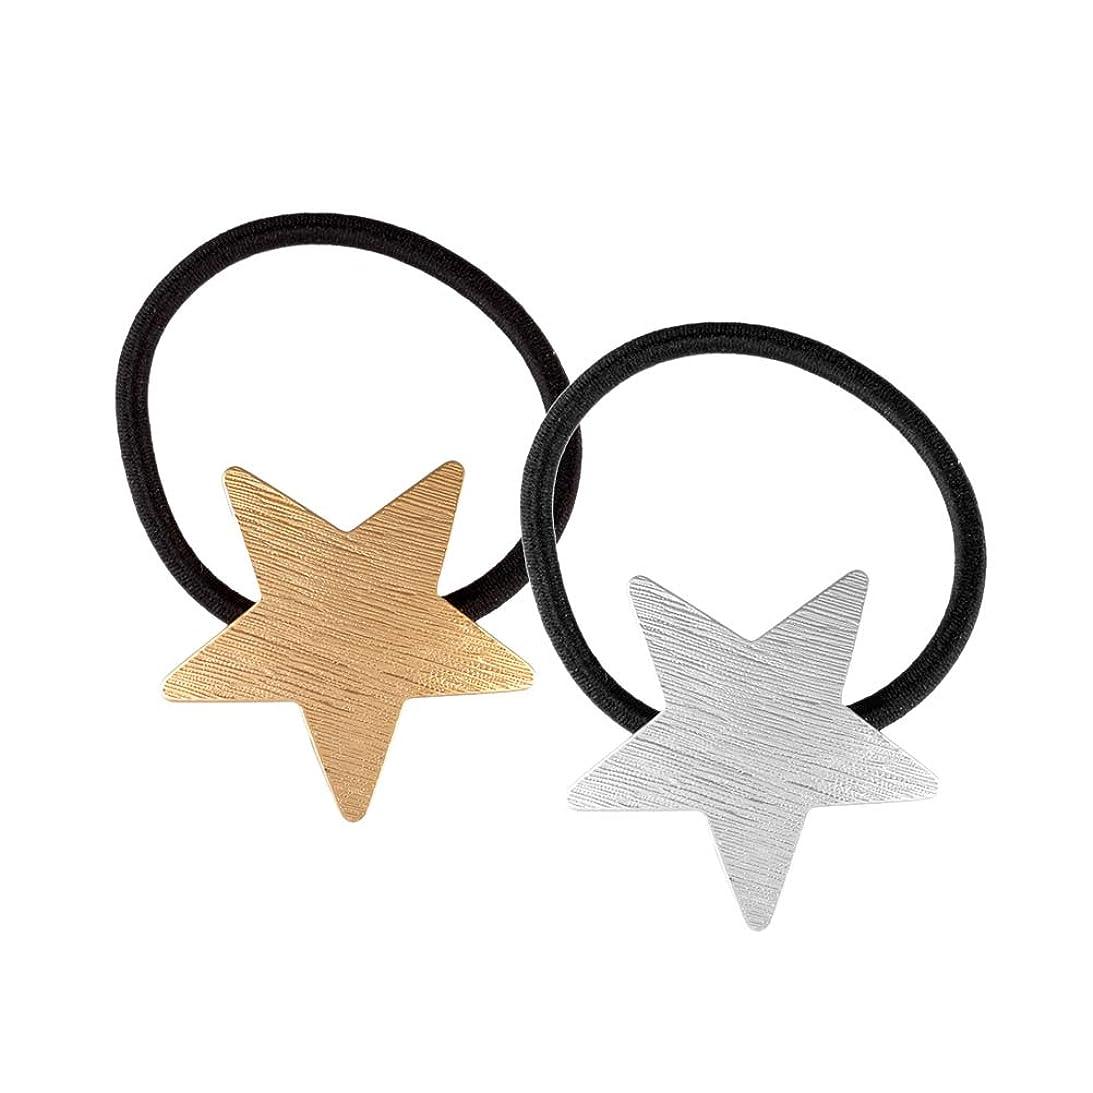 構造的感情に対応Lurrose 2ピース弾性ヘアネクタイ金属合金ヘアネクタイペンタグラムポニーテールホルダー用女性女の子(ゴールドとシルバー)